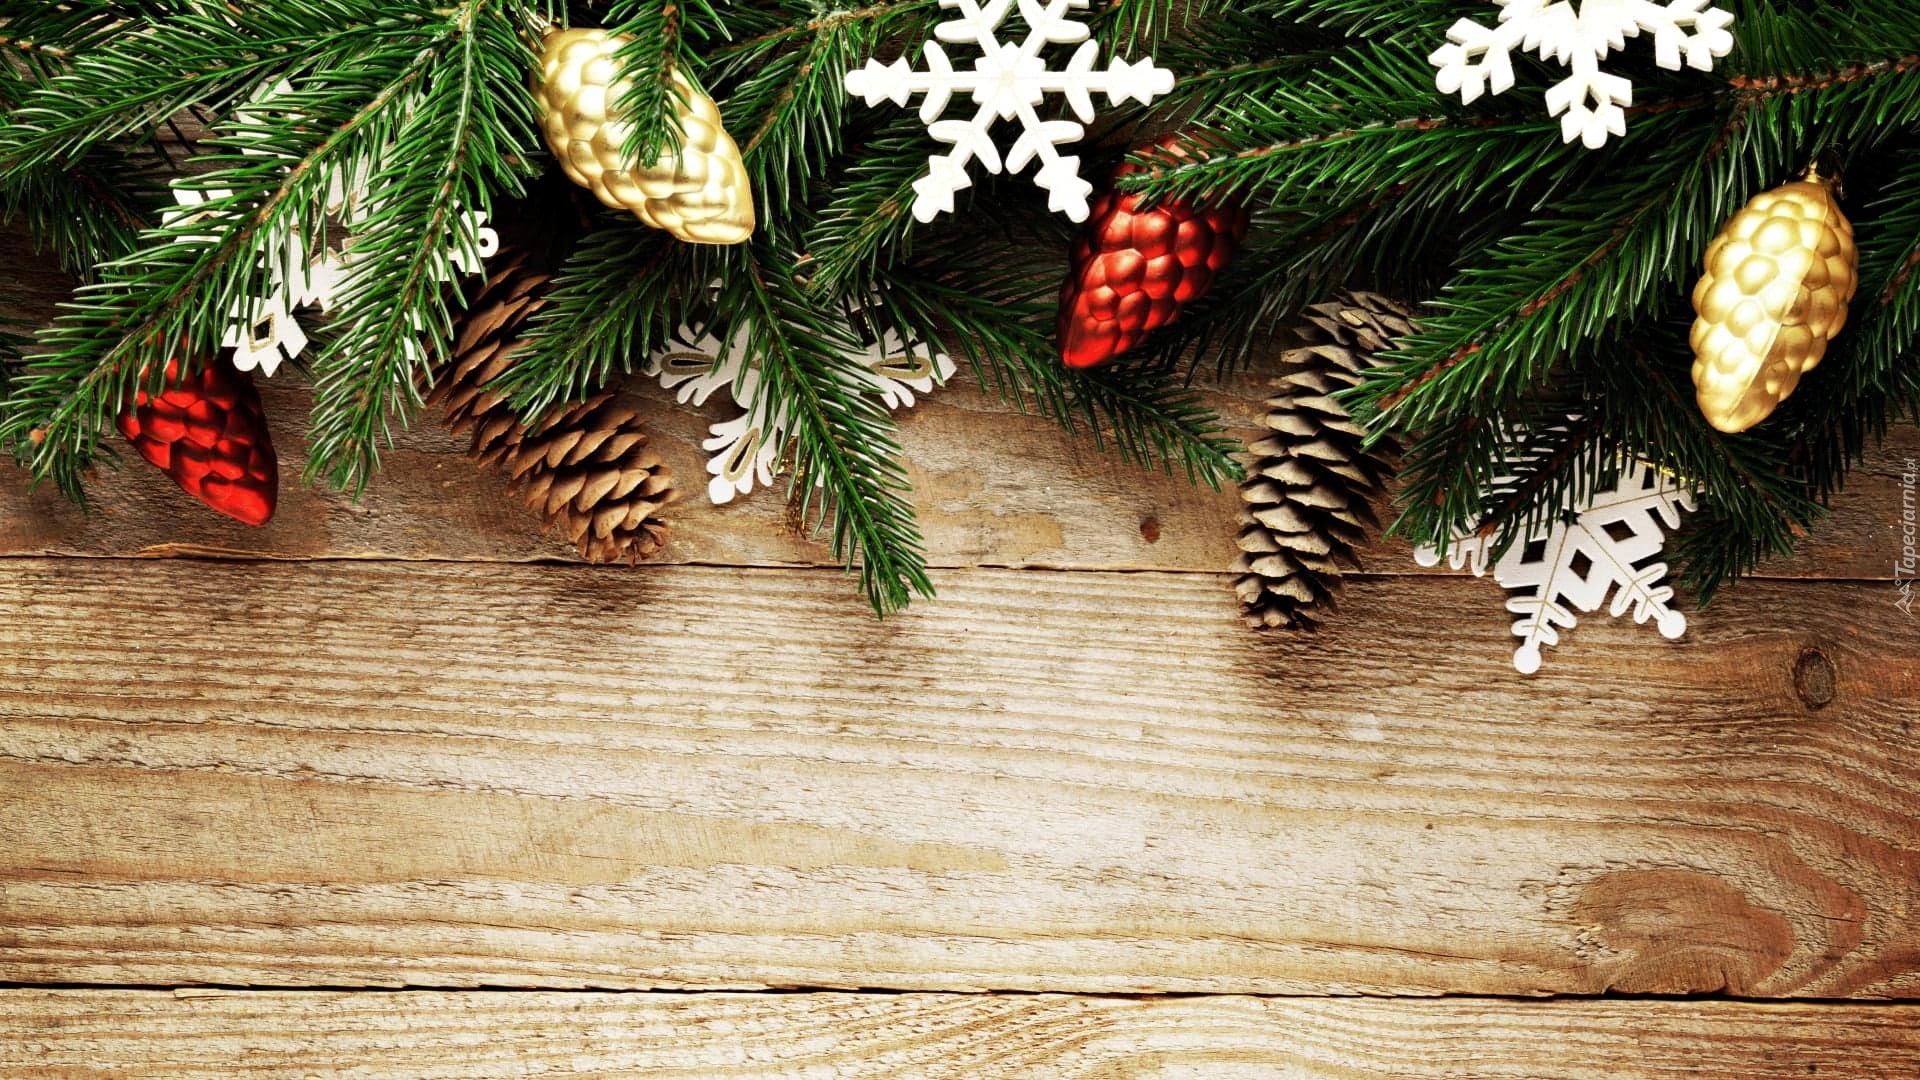 Gałązki I Szyszki W Dekoracji świątecznej Na Deskach